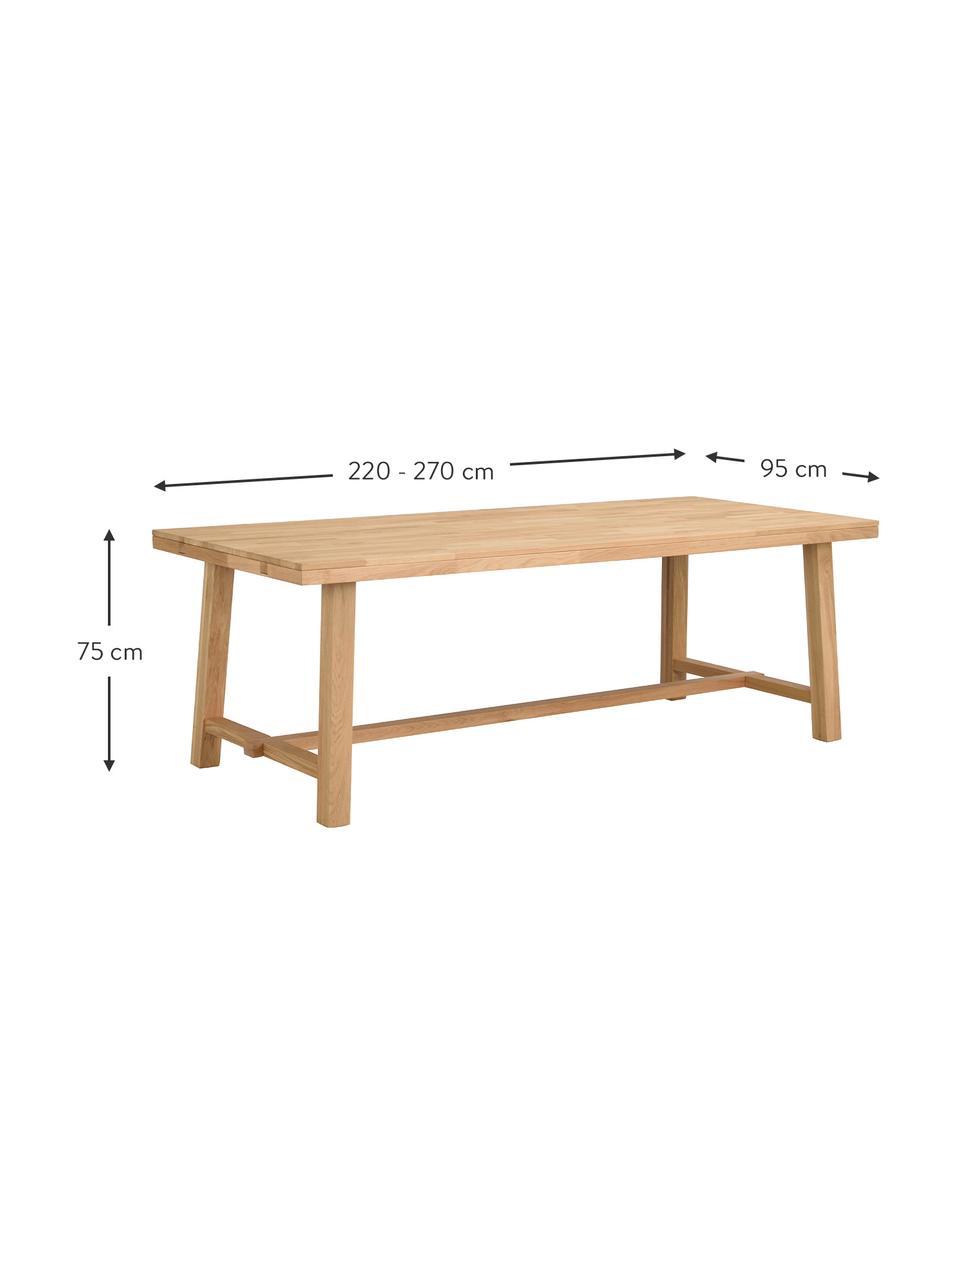 Stół rozsuwany do jadalni z blatem z litego drewna Brooklyn, Lite drewno dębowe, jasno lakierowane, Drewno dębowe, S 220 - 270 x G 95 cm